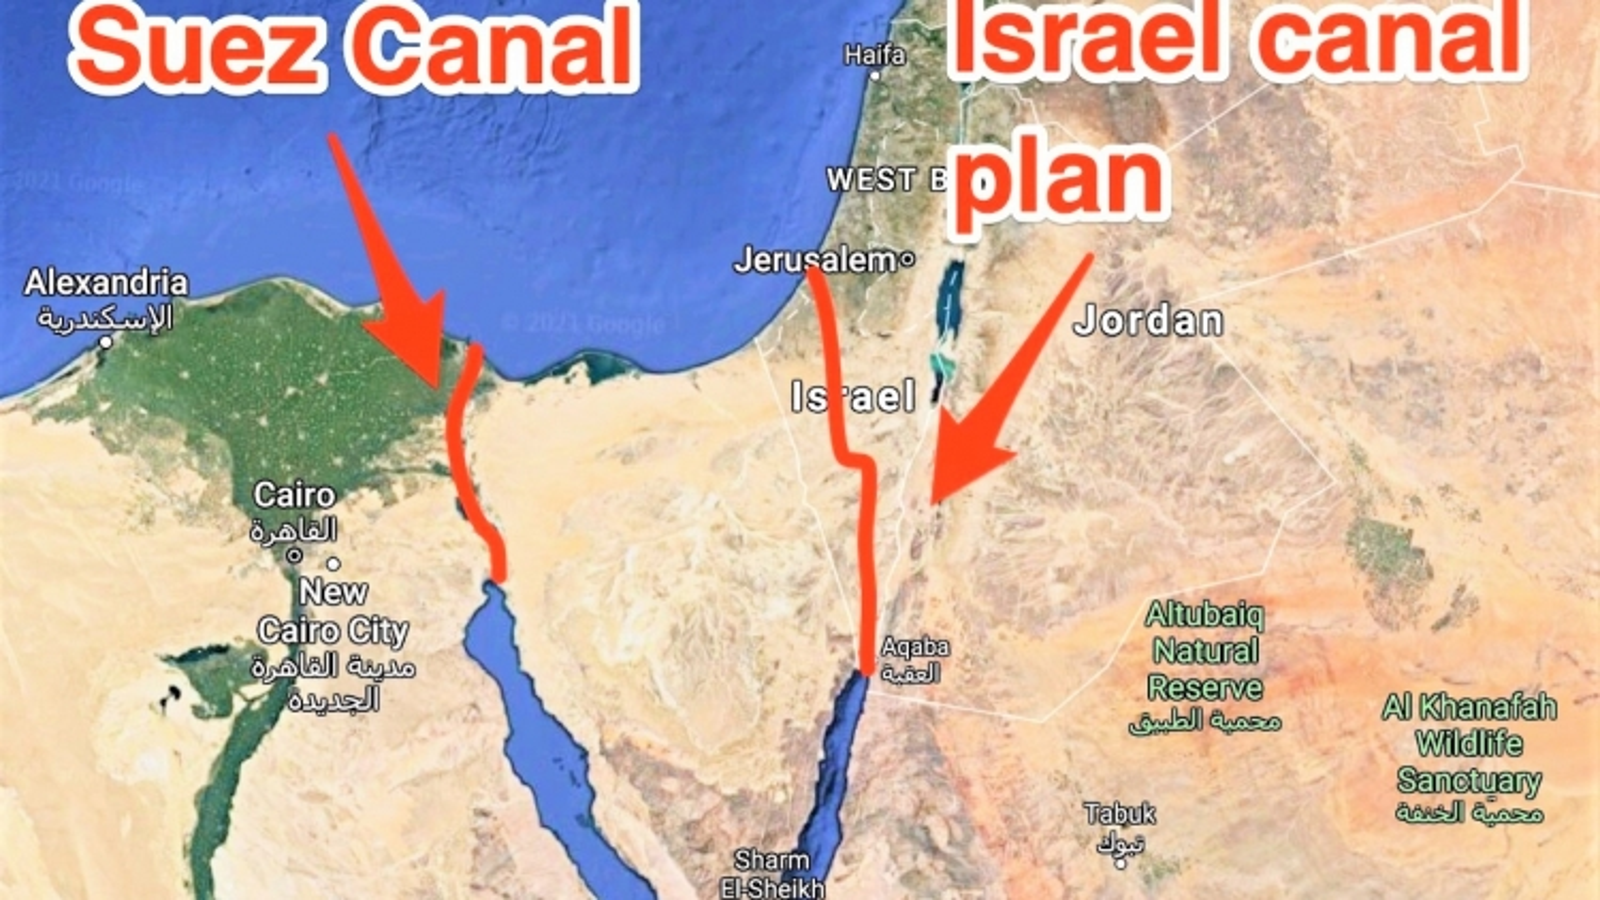 Mỹ từng có kế hoạch dùng 520 quả bom hạt nhân tạo một kênh đào thay thế Suez